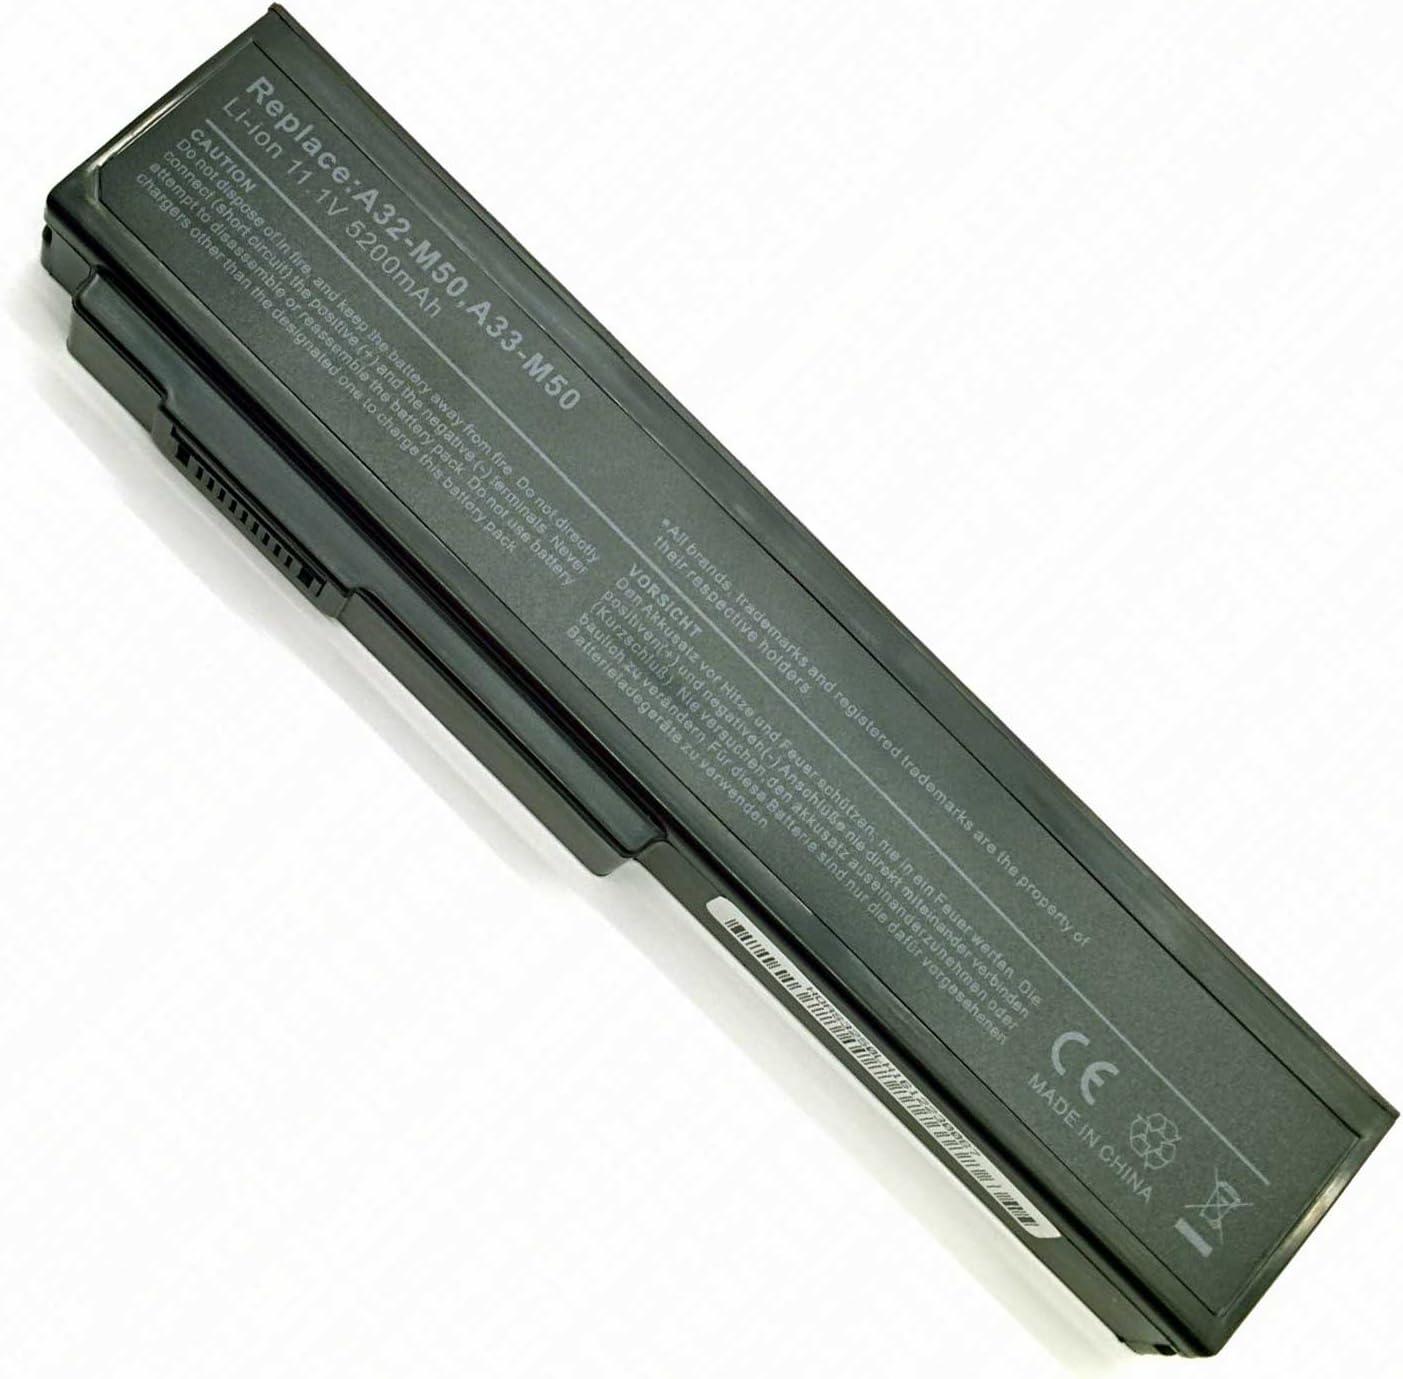 BATTERIA portatile per Asus N43 N43JQ N43Jf N43Jg N53 N53Jg N53JL A33-M50 NOTEBOOK